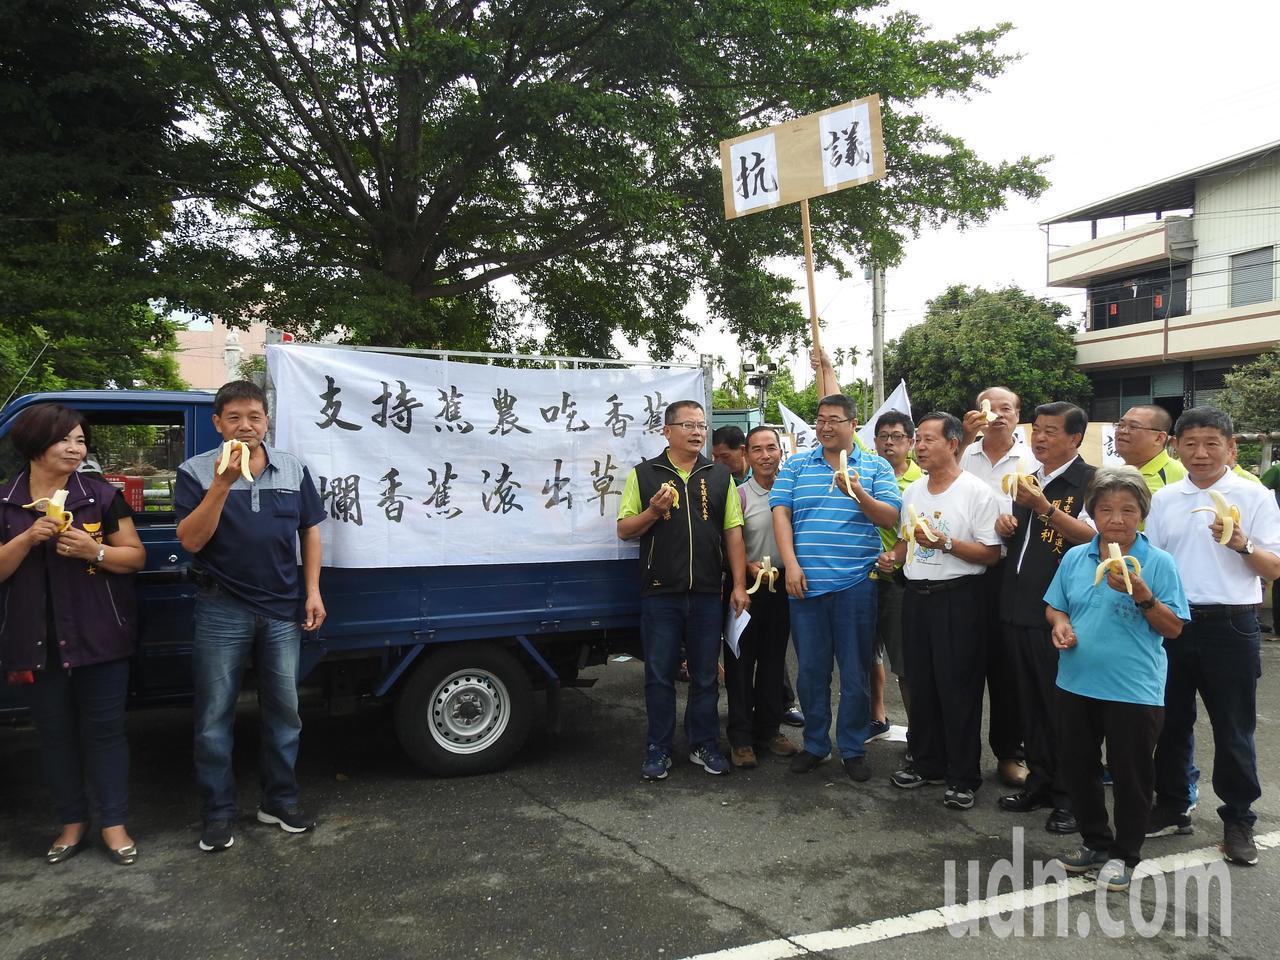 草屯鎮民眾今以支持蕉農反強姦為訴求,拉白布條、舉牌抗議,現場還運來200斤香蕉。...